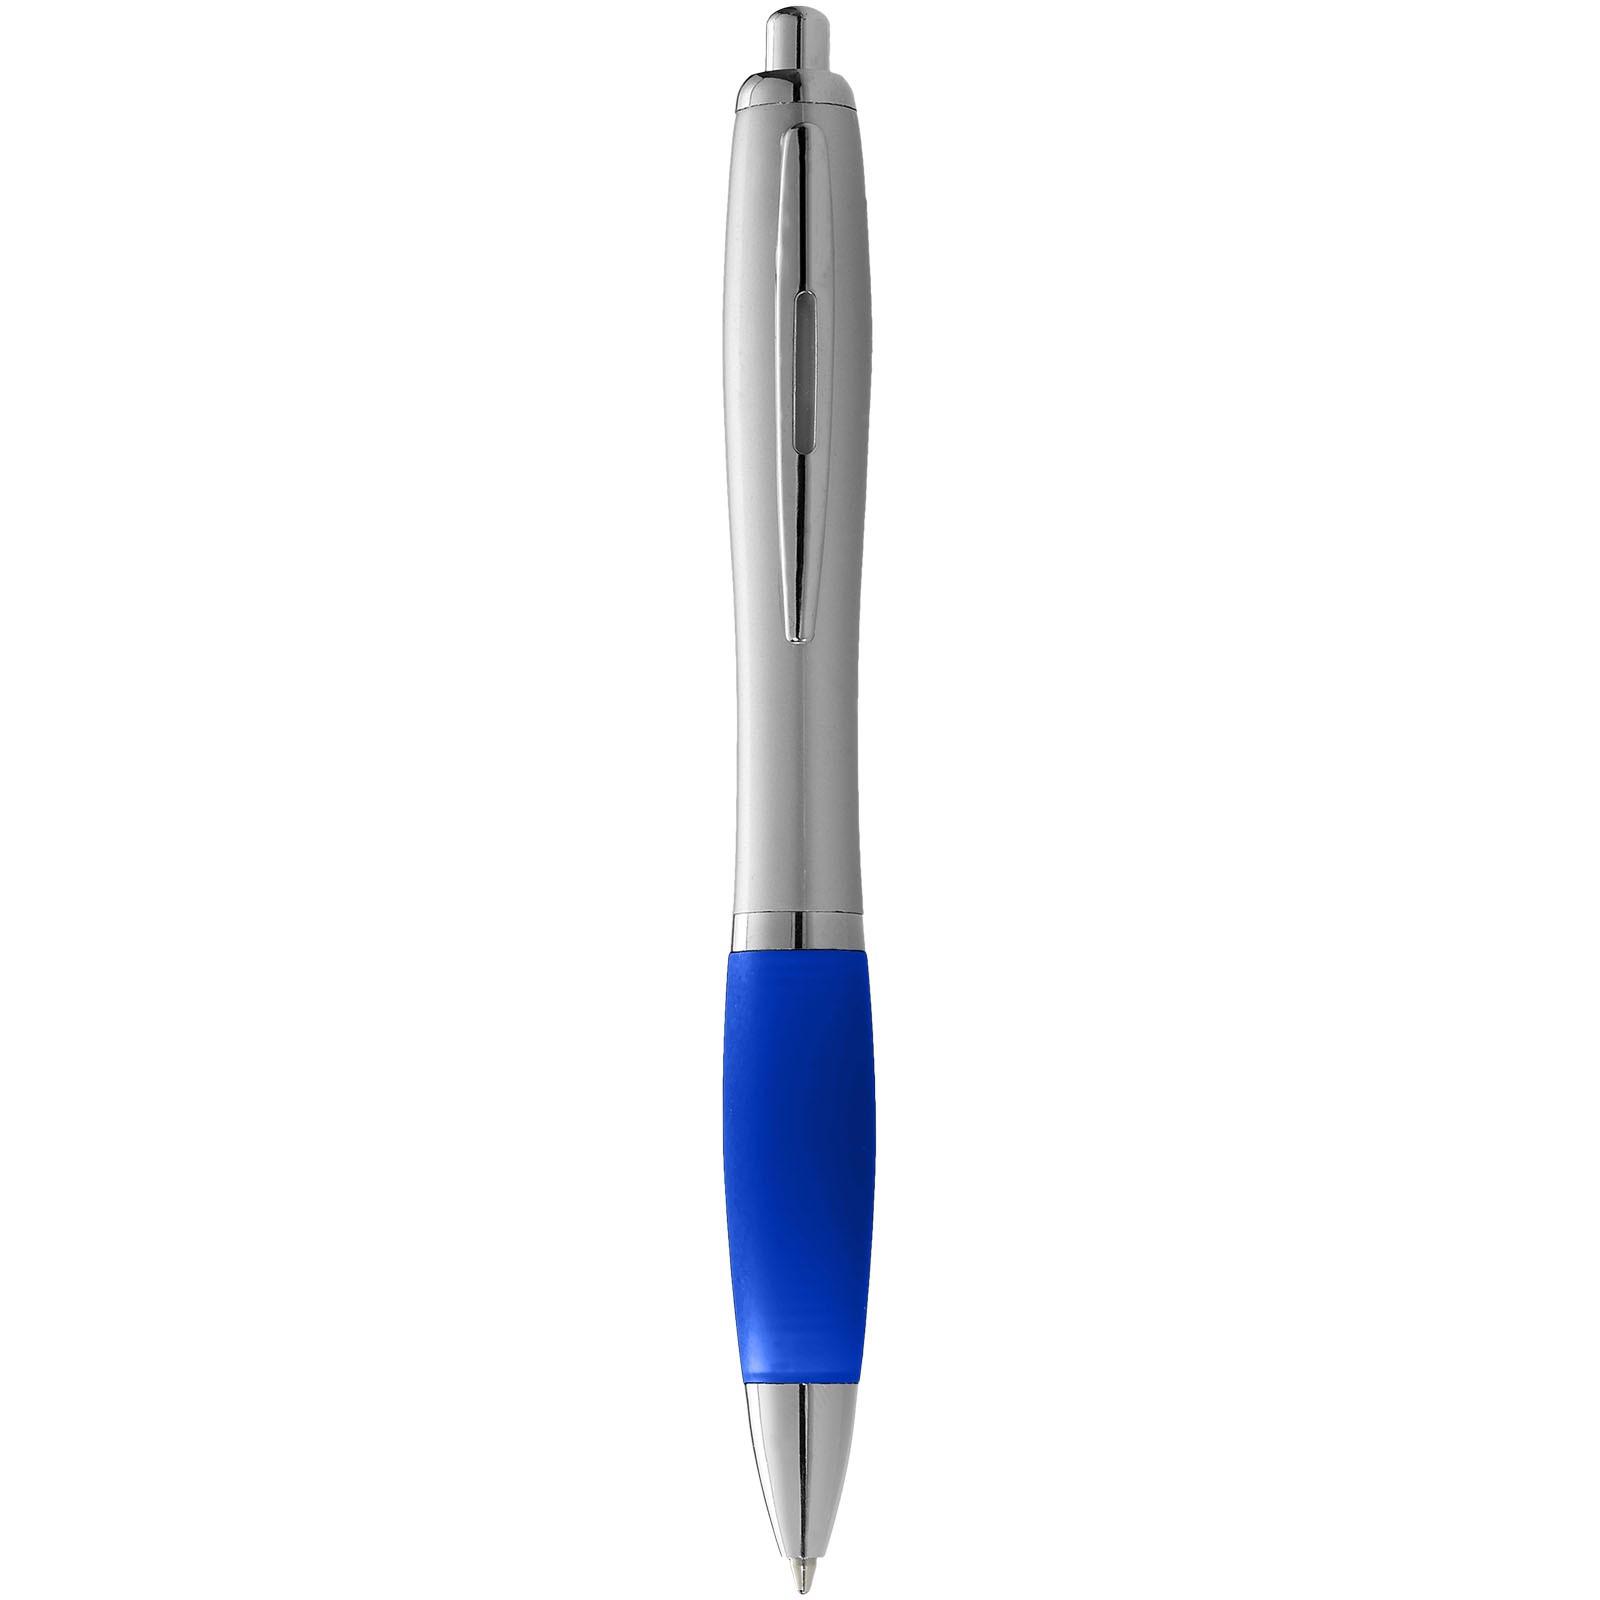 Stříbrné kuličkové pero Nash s barevným úchopem - Stříbrný / Světle modrá